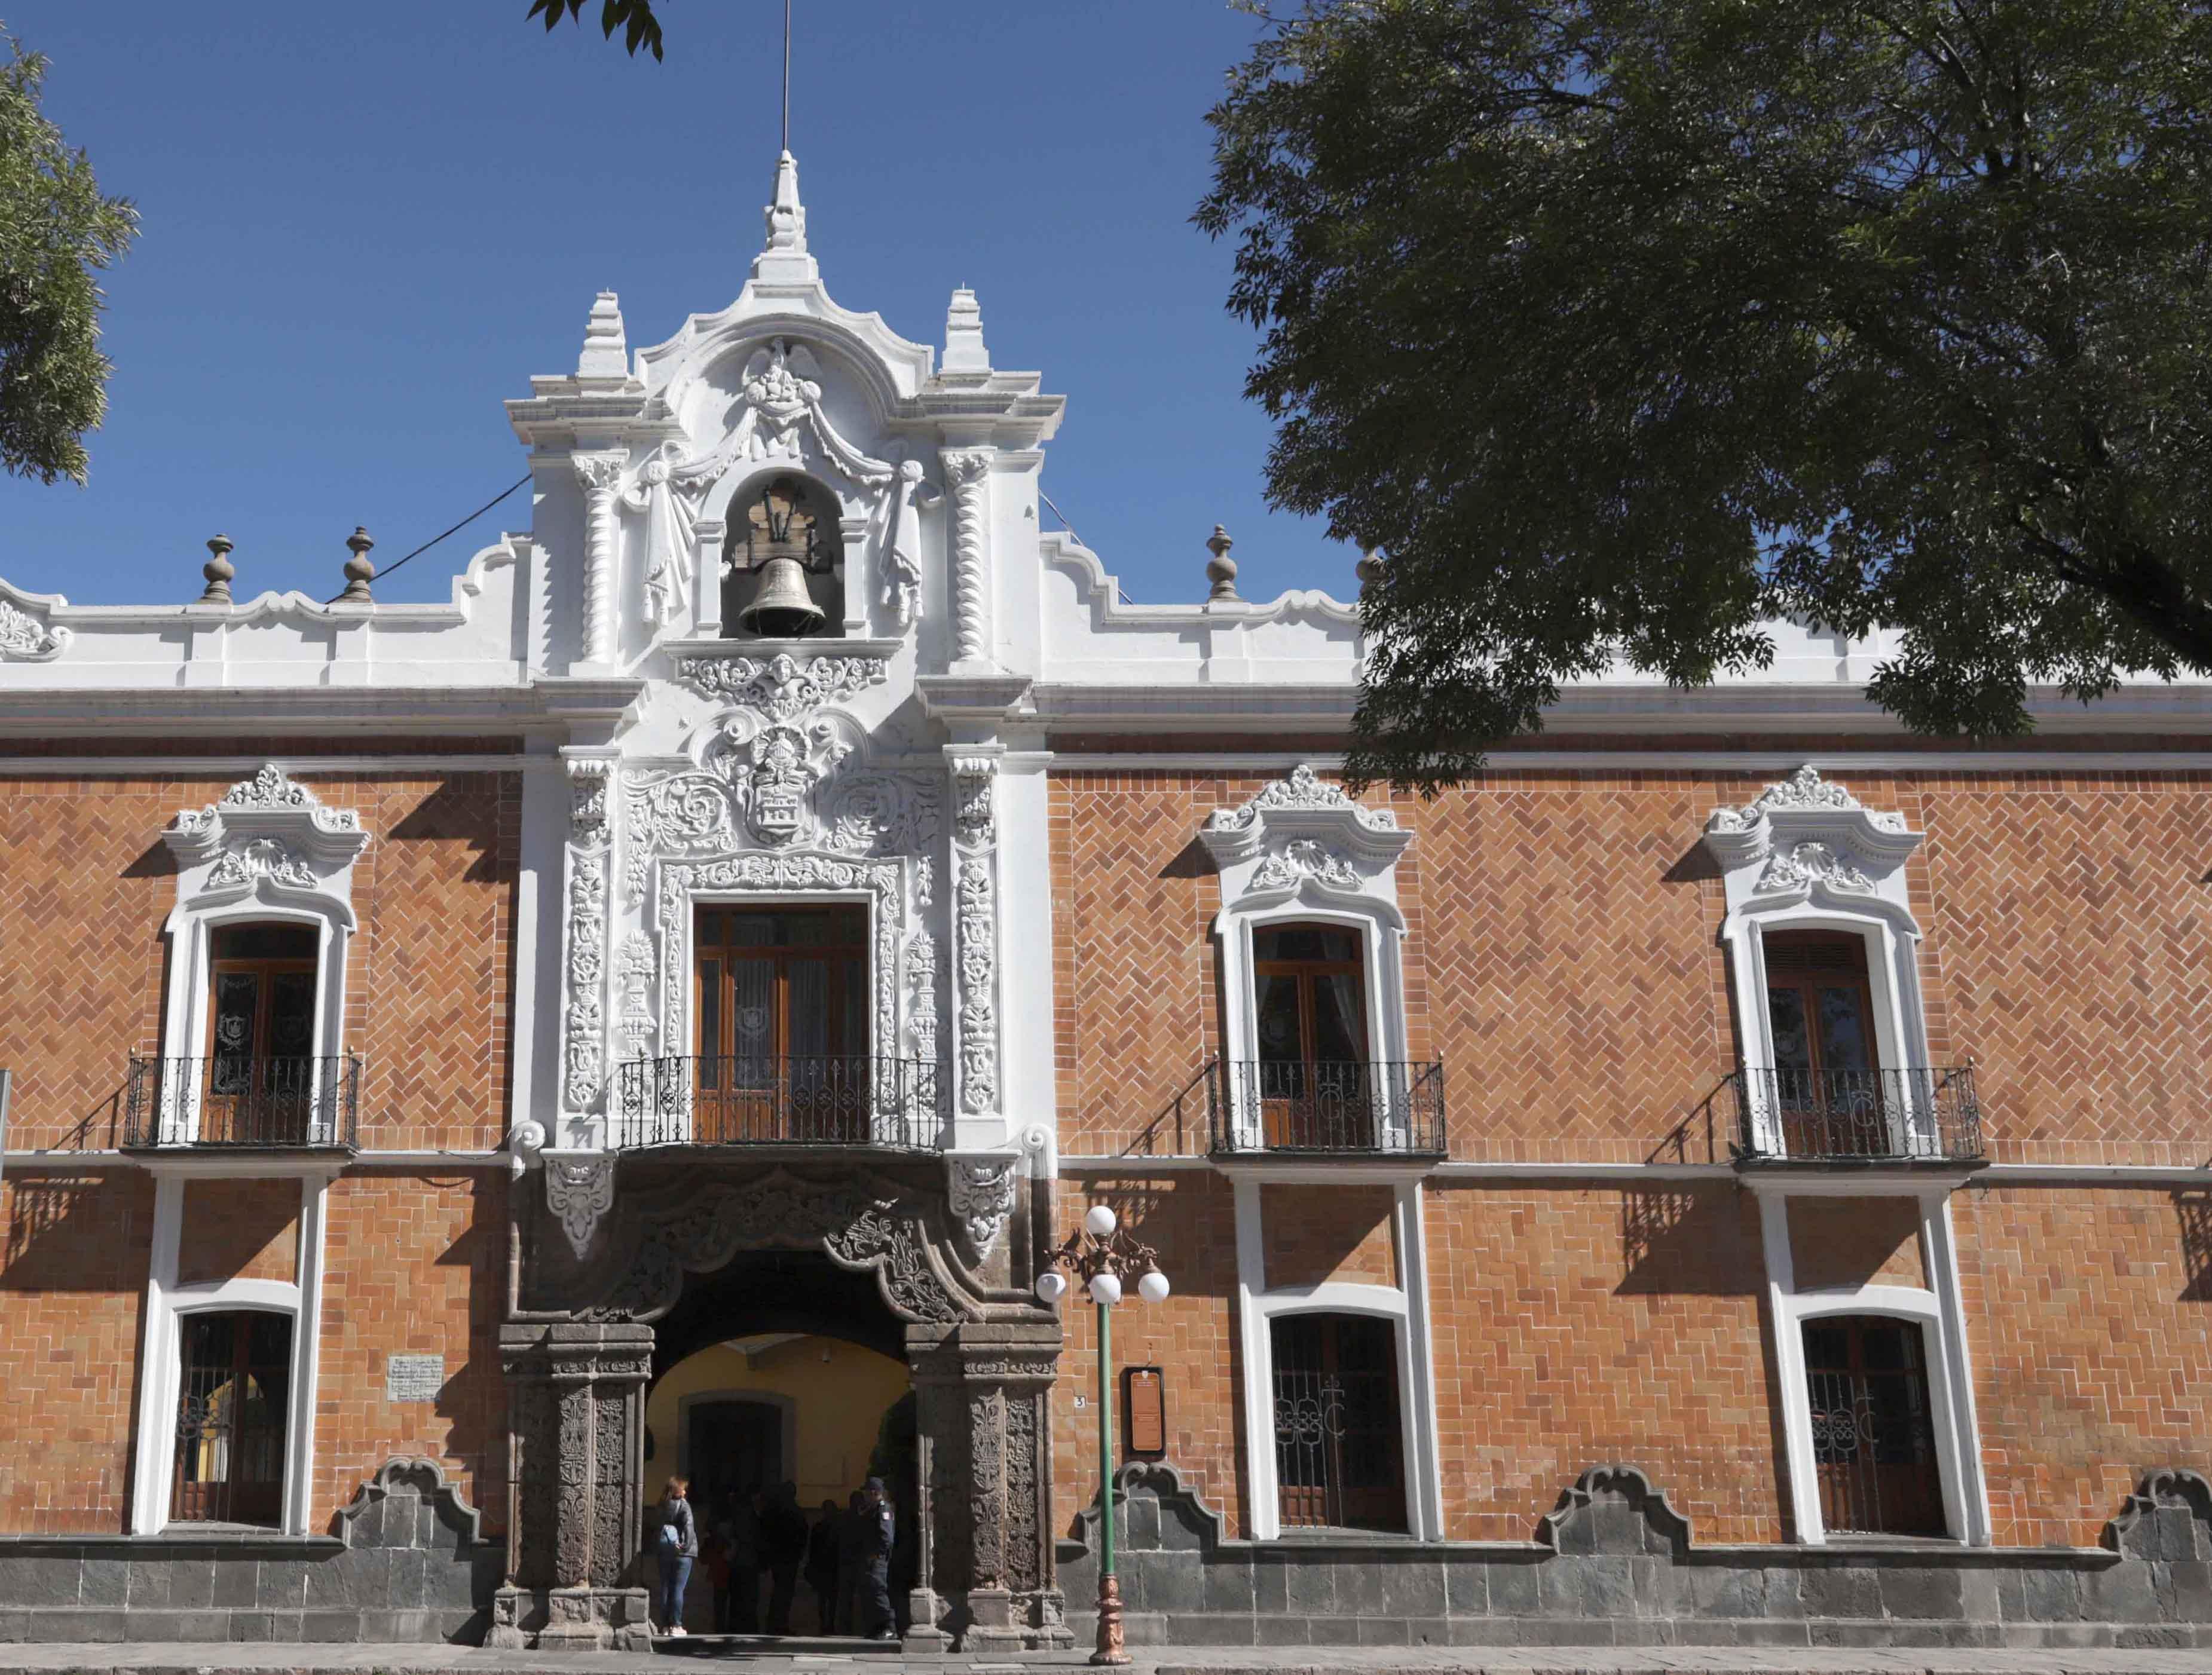 Ejecutivo del Estado nombra a Elida Garrido directora de Notarias y RegistroPúblico de la Propiedad.